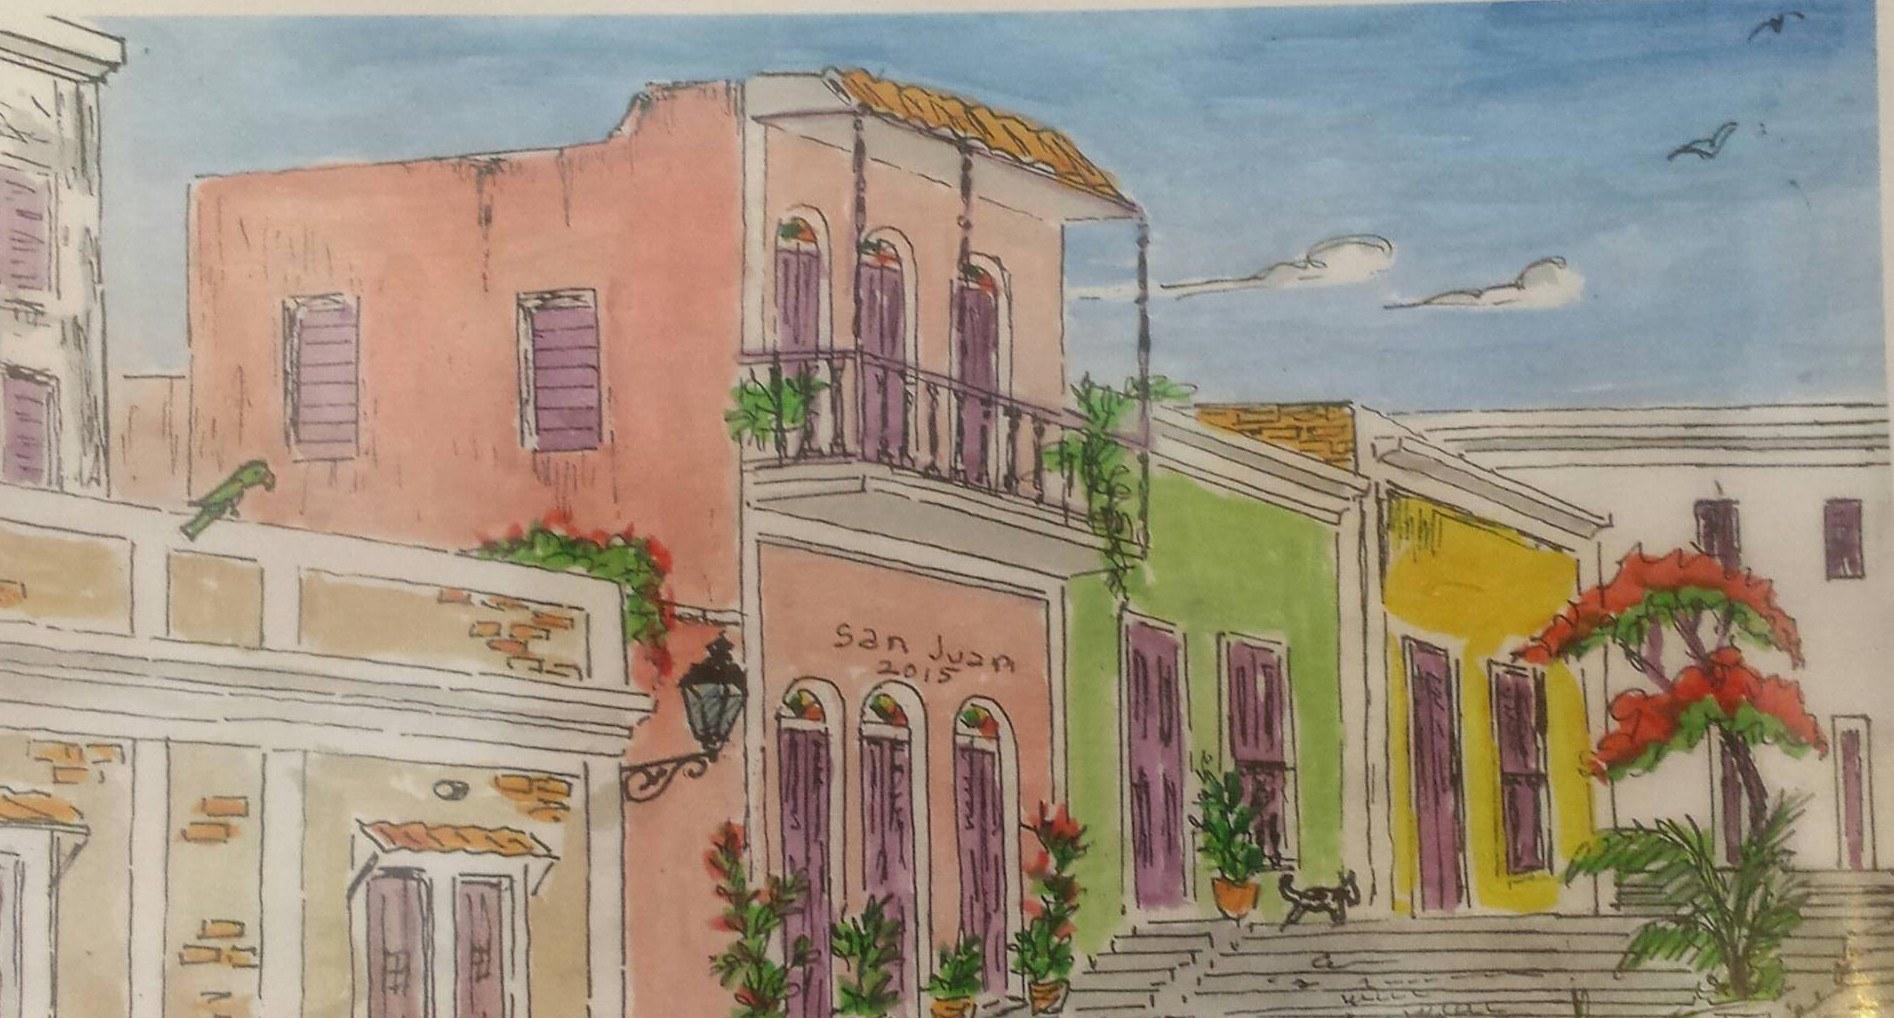 Wilfred Labiosa: Pinturas Abstractas, Paisajes y el viejo San Juan